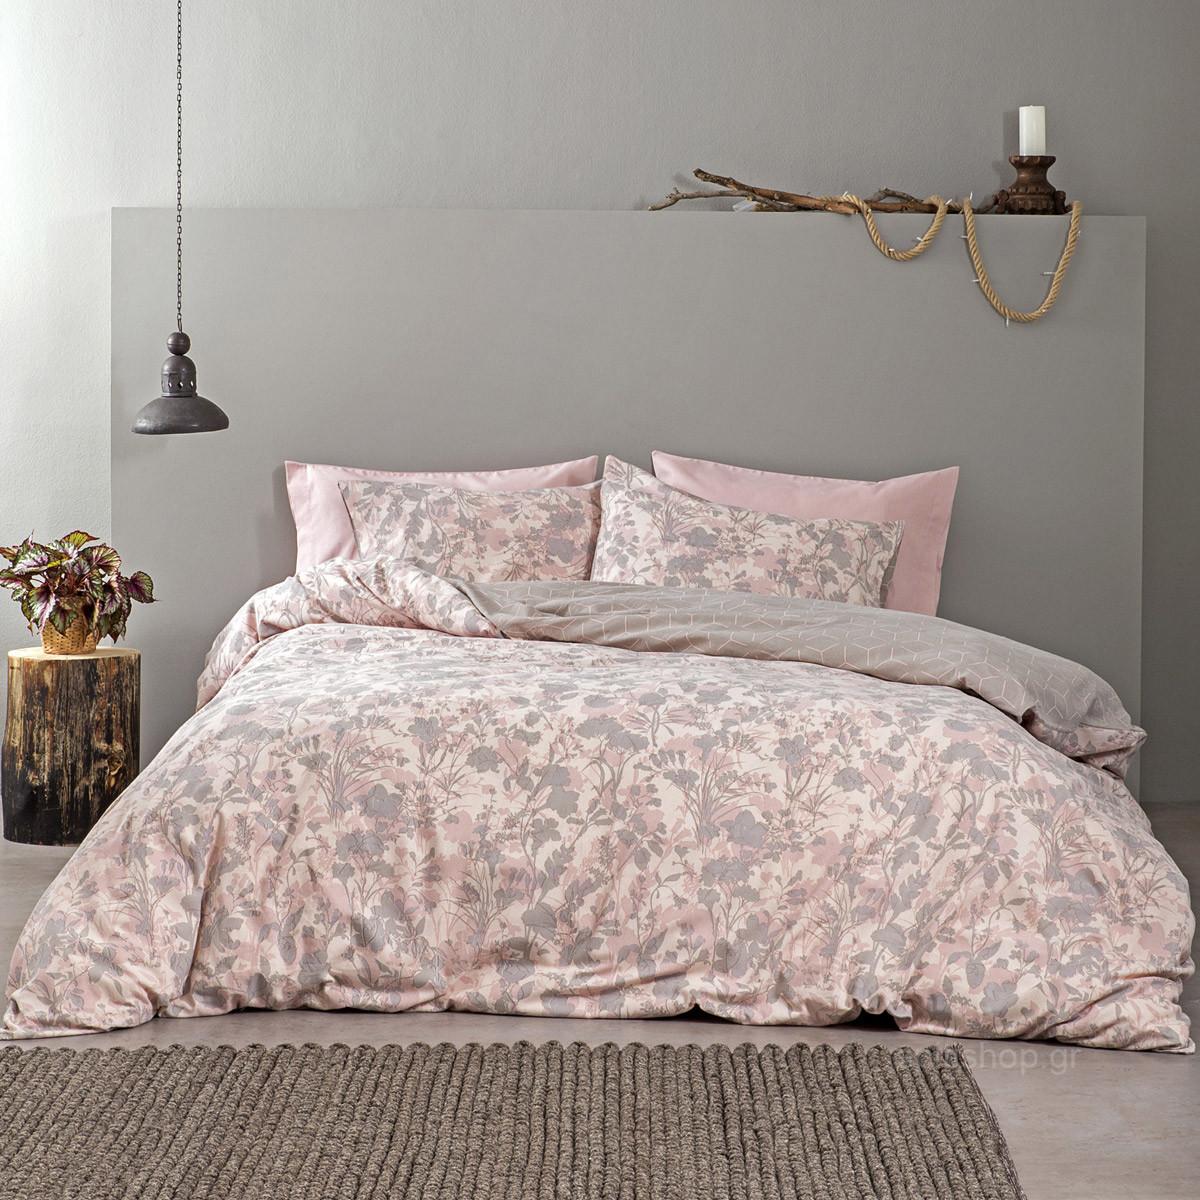 Φανελένια Σεντόνια King Size (Σετ) Nima Bed Linen Linden